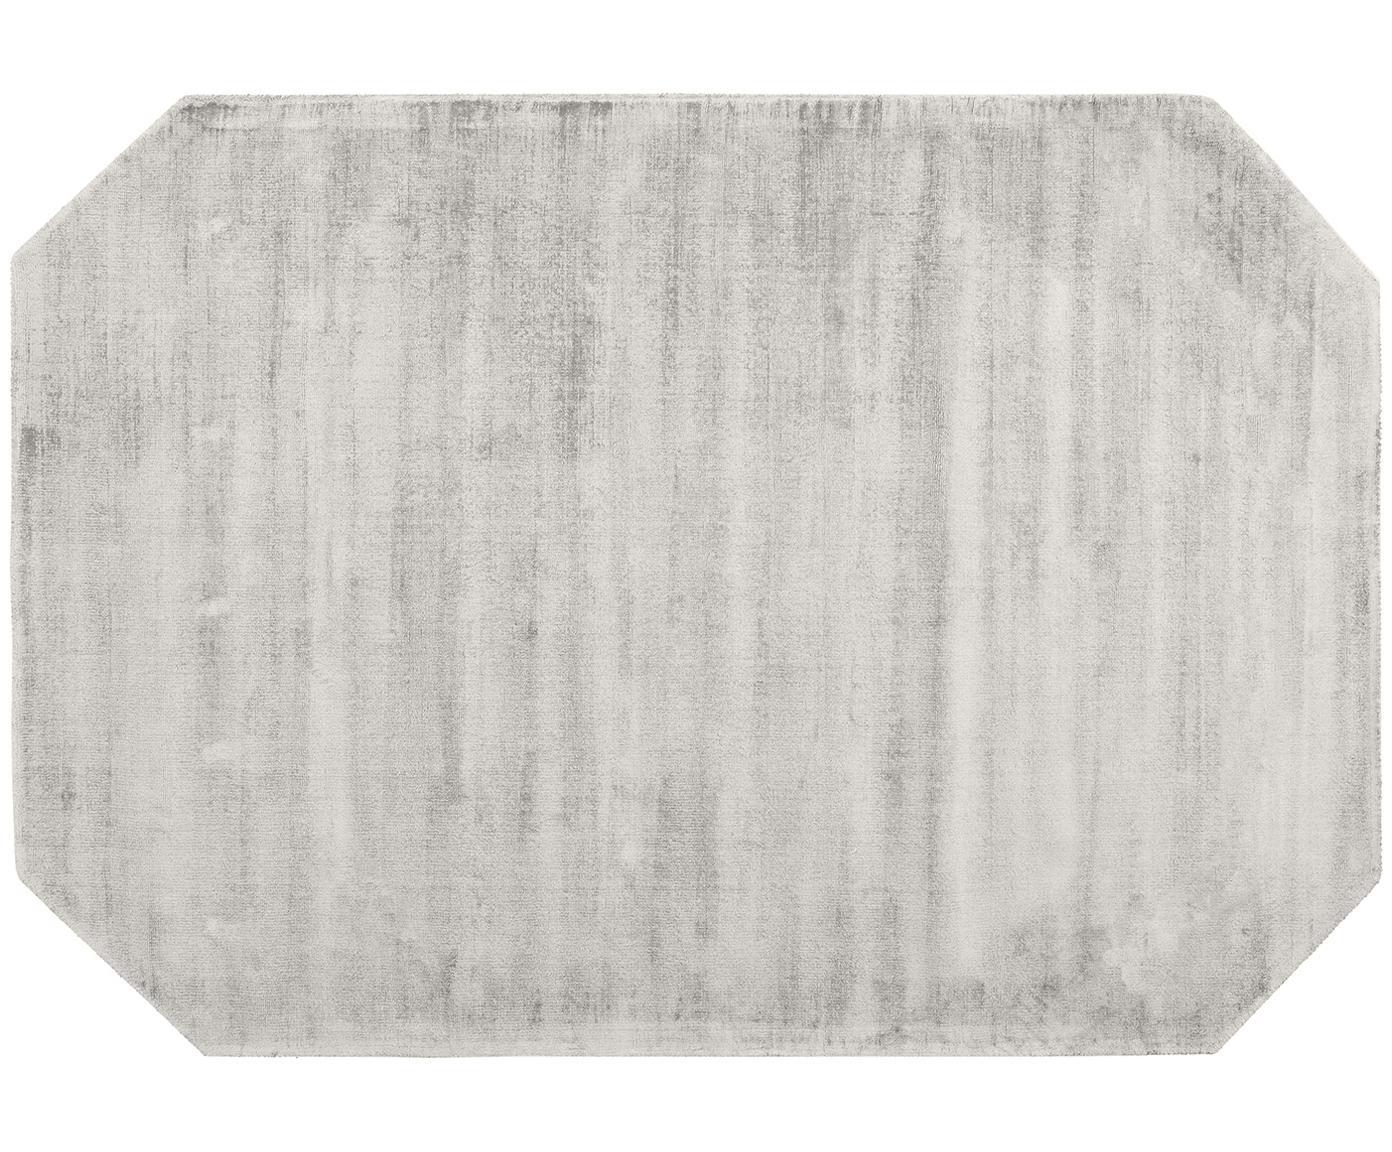 Handgewebter Viskoseteppich Jane Diamond in Hellgrau-Beige, Flor: 100% Viskose, Hellgrau-Beige, B 120 x L 180 cm (Größe S)